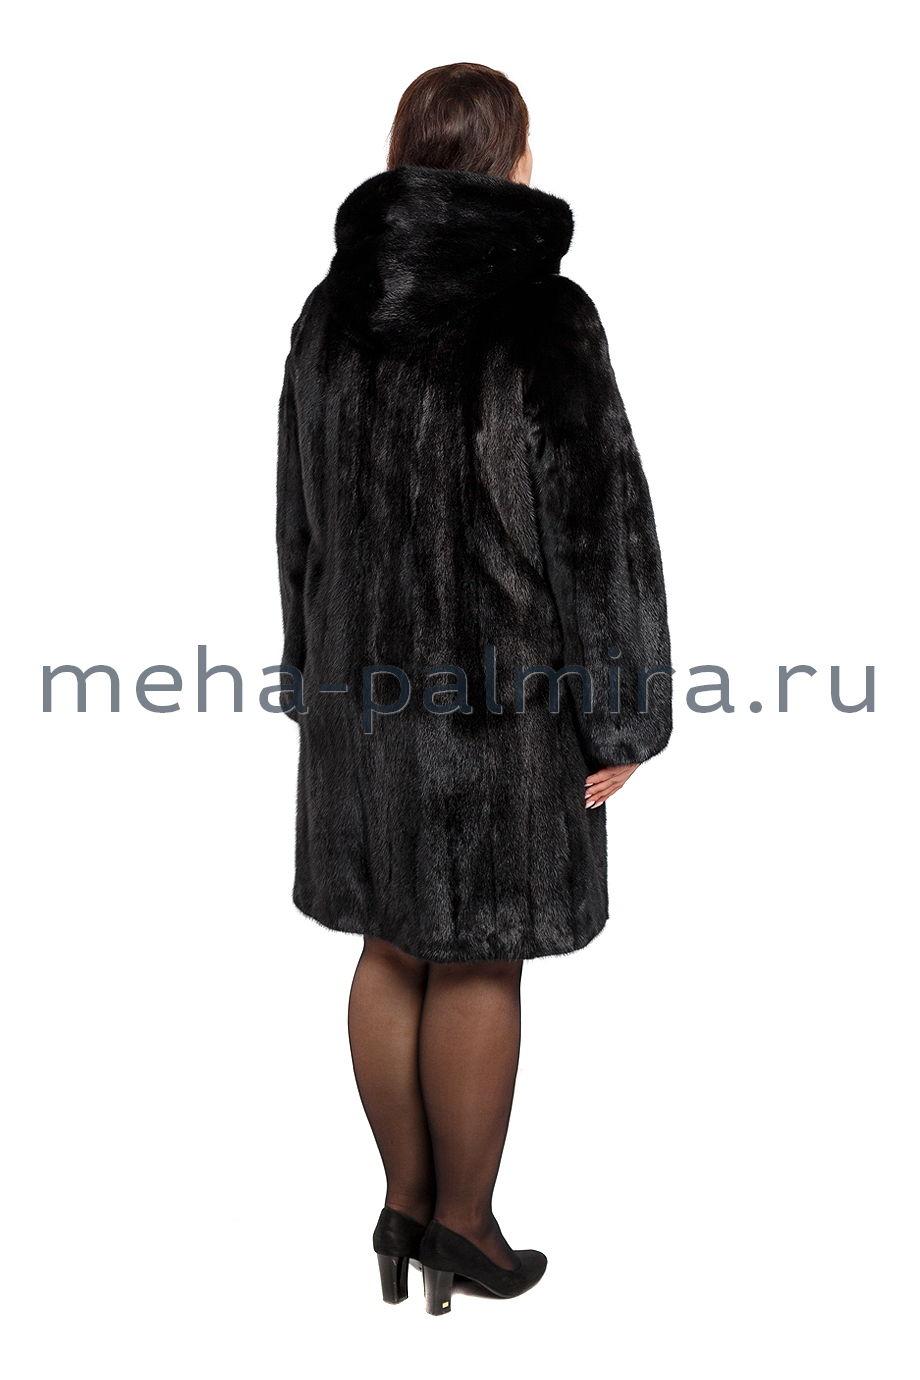 Черная шуба норковая с капюшоном